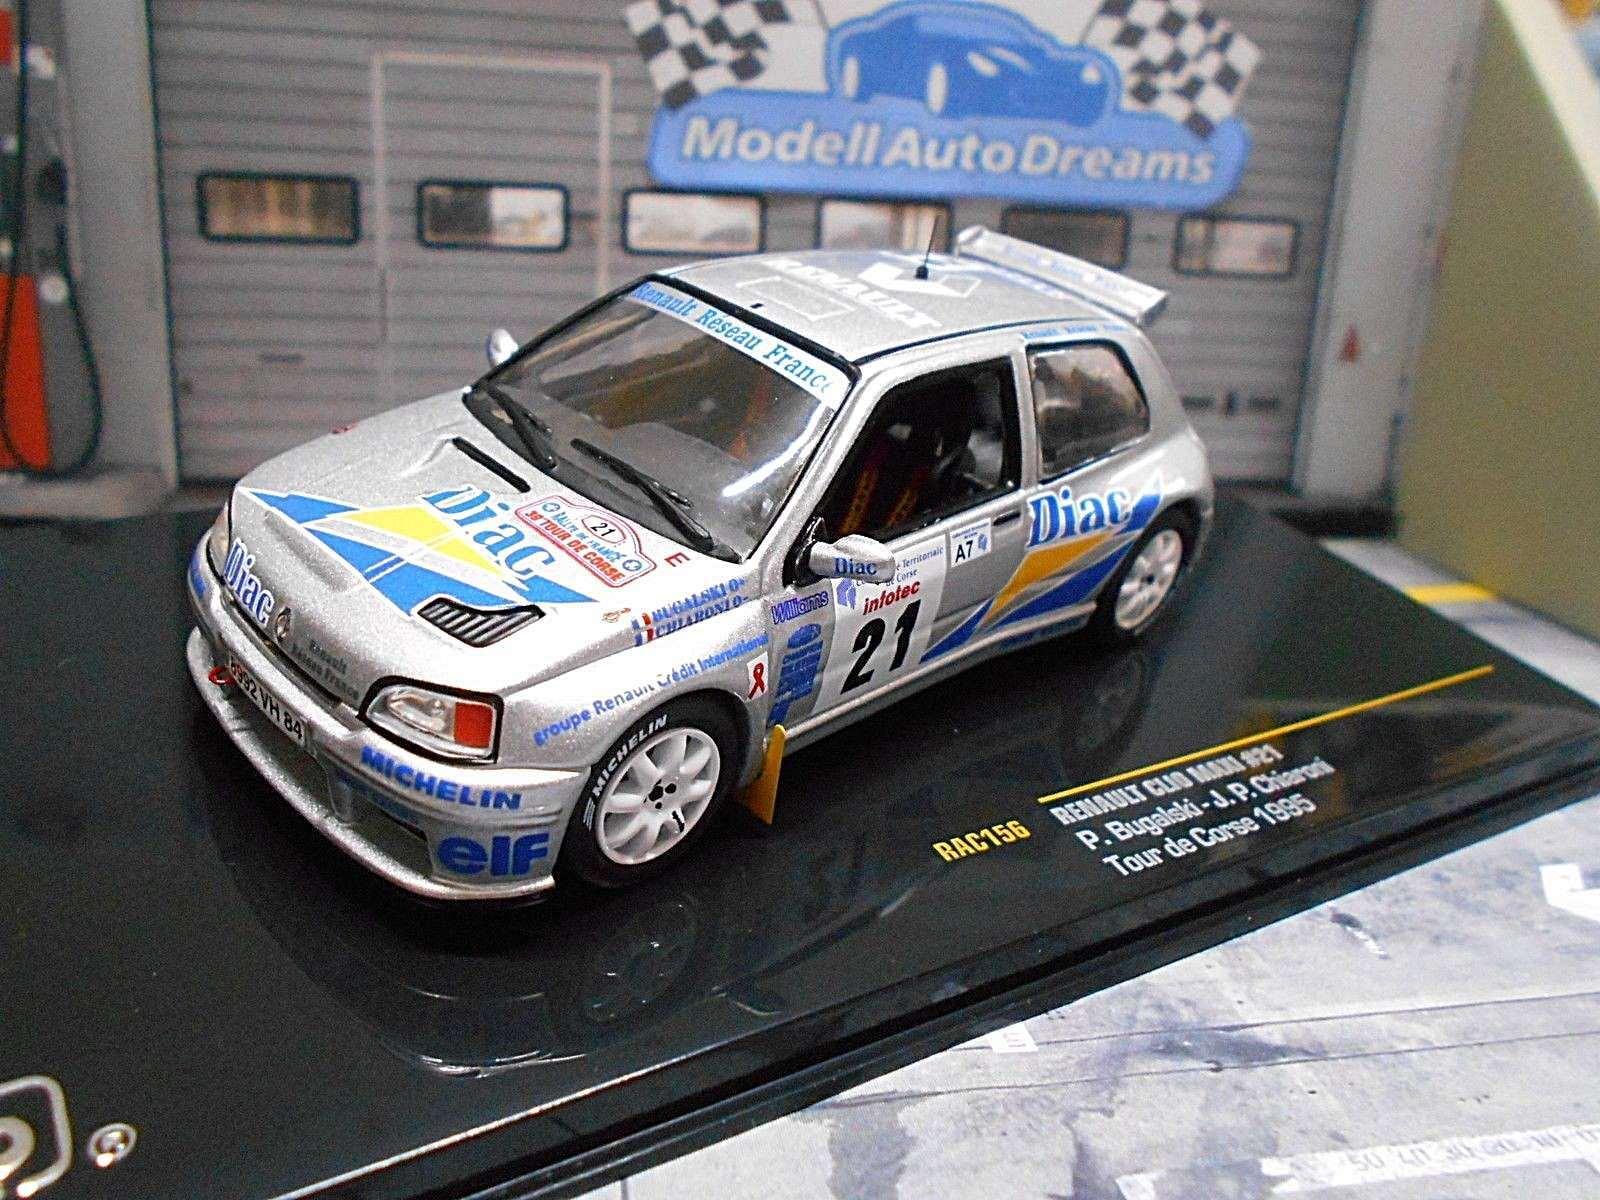 RENAULT CLIO MAXI RALLYE TOUR DE CORSE Kit 1995  21 Bugalski DIAC RAR Ixo 1 43